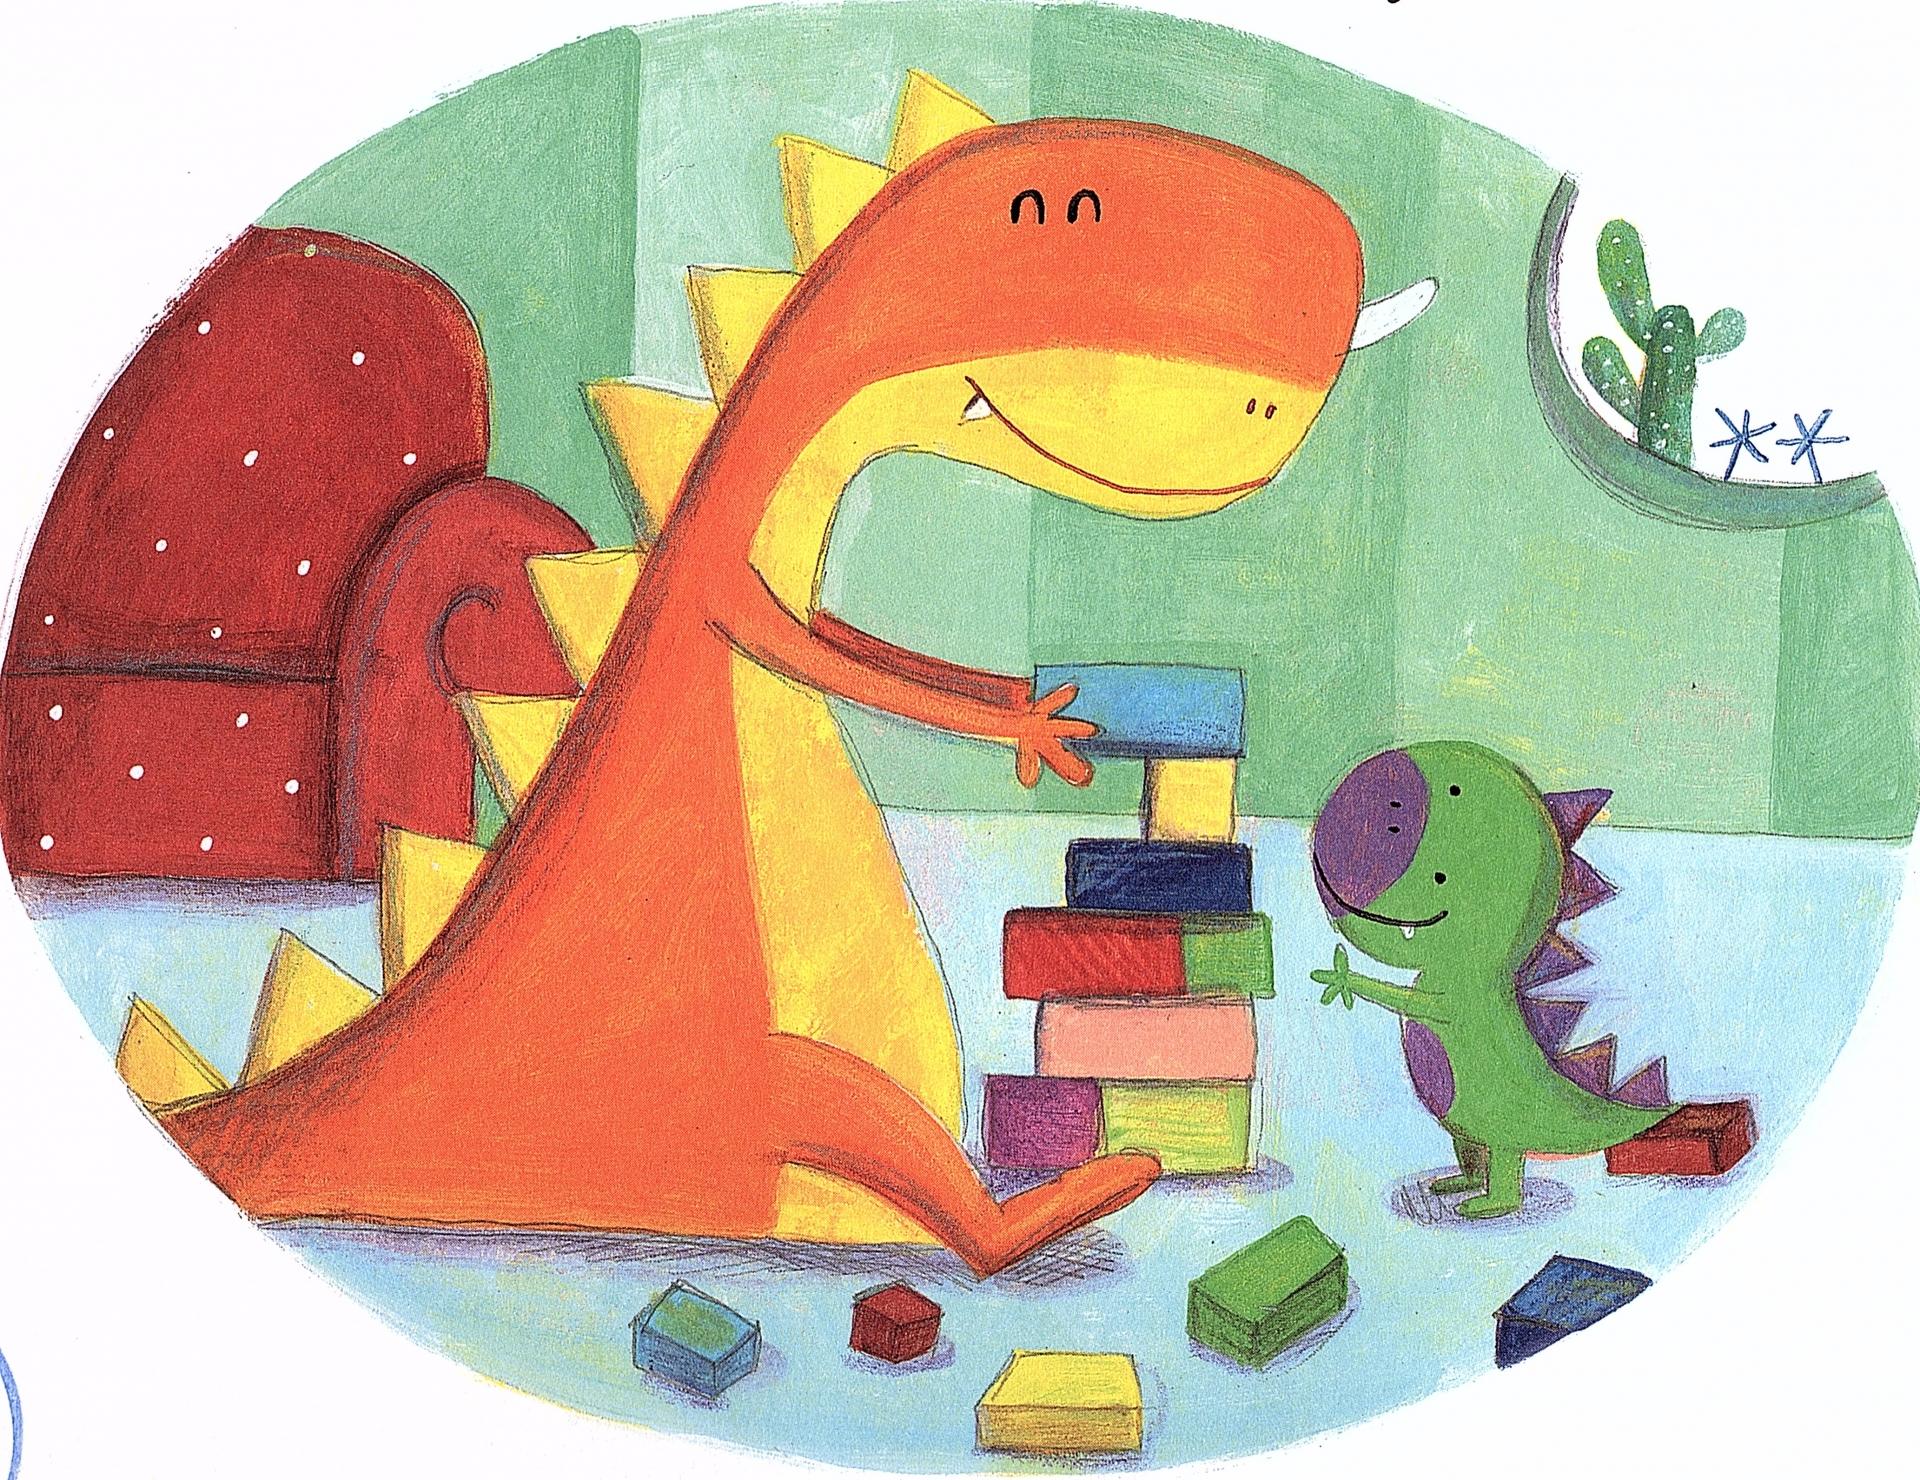 desenho em cores garridas de um dinosauro Pai a brincar com o filho